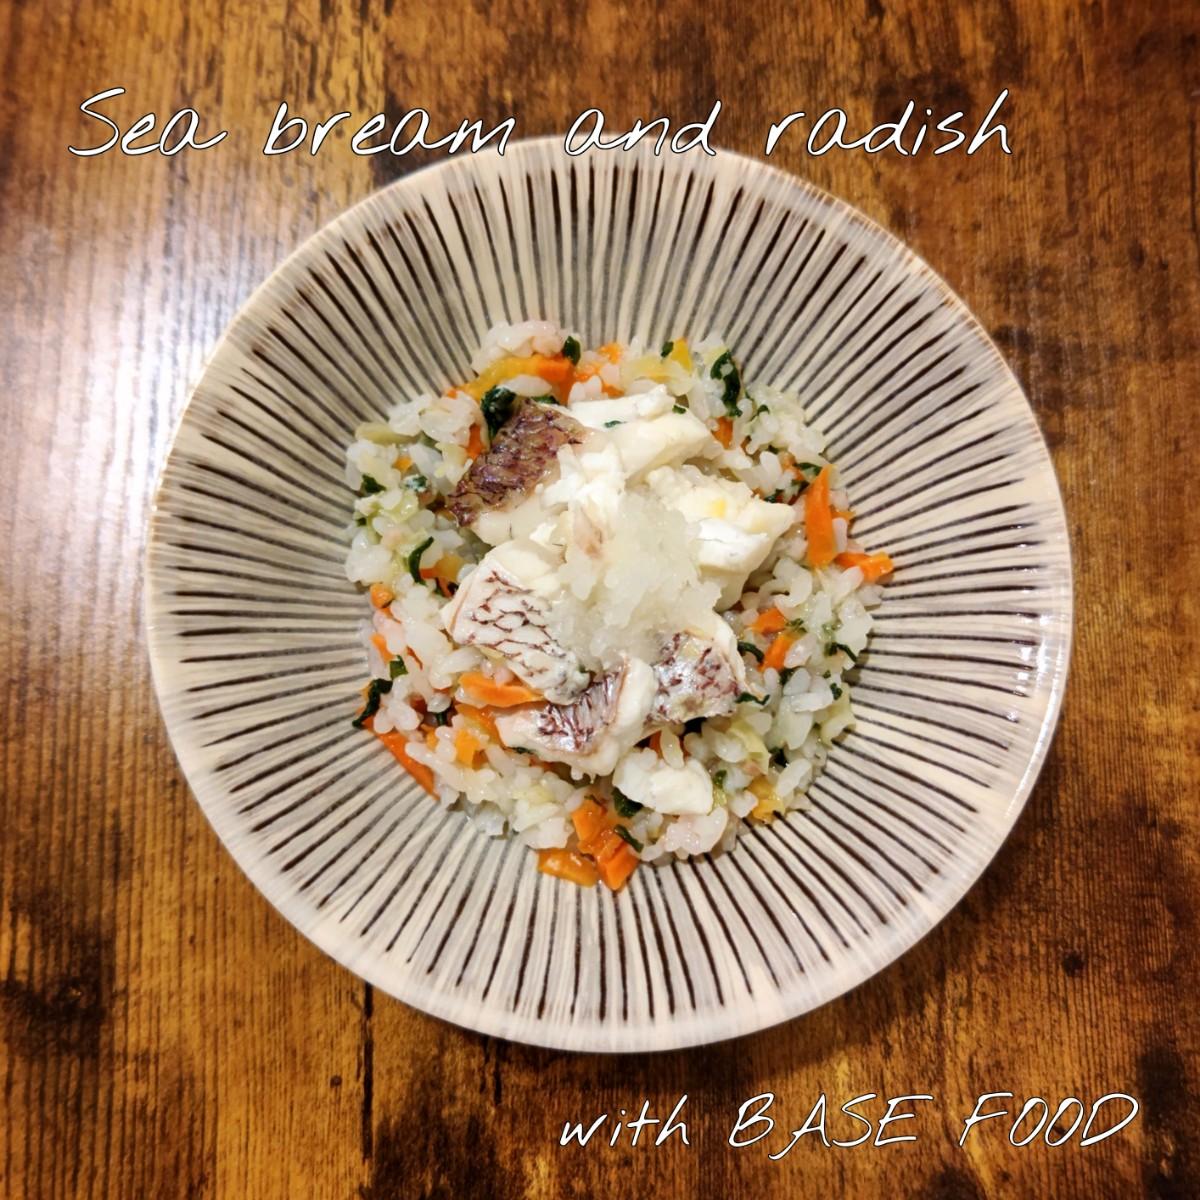 記事 鯛と大根おろし with BASE FOODのアイキャッチ画像